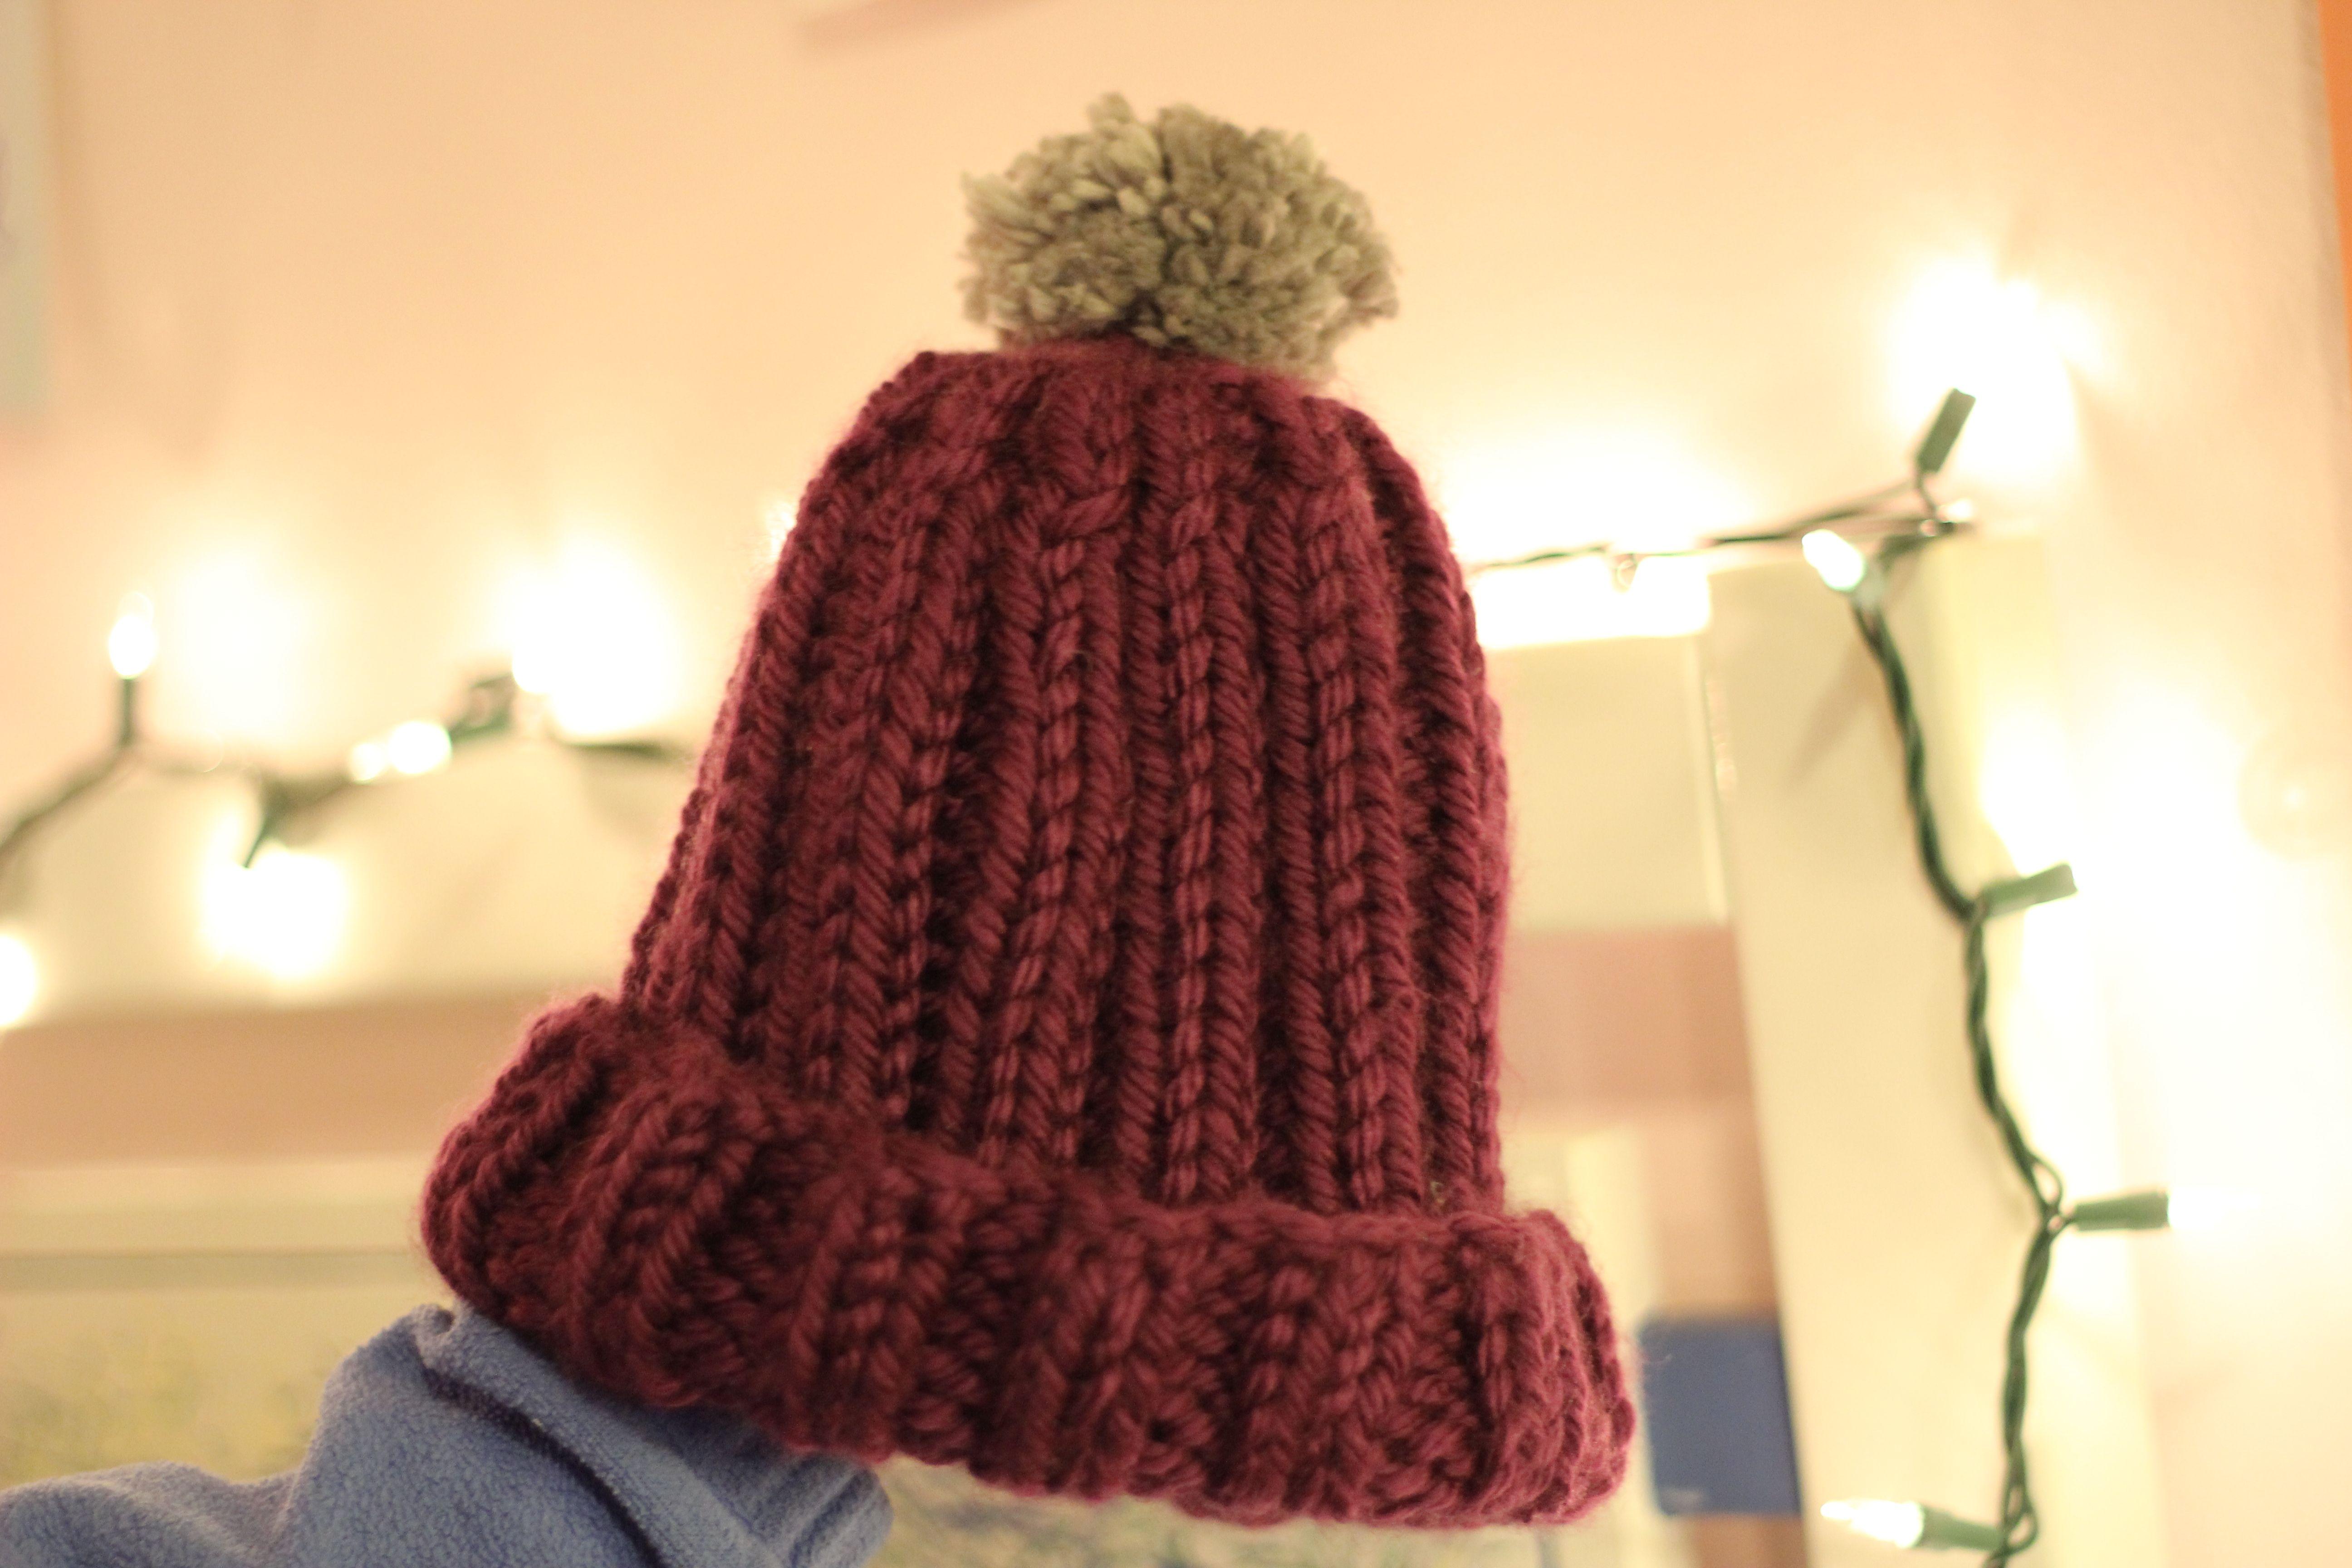 chunky ribbed knit hat w/ silver pom pom